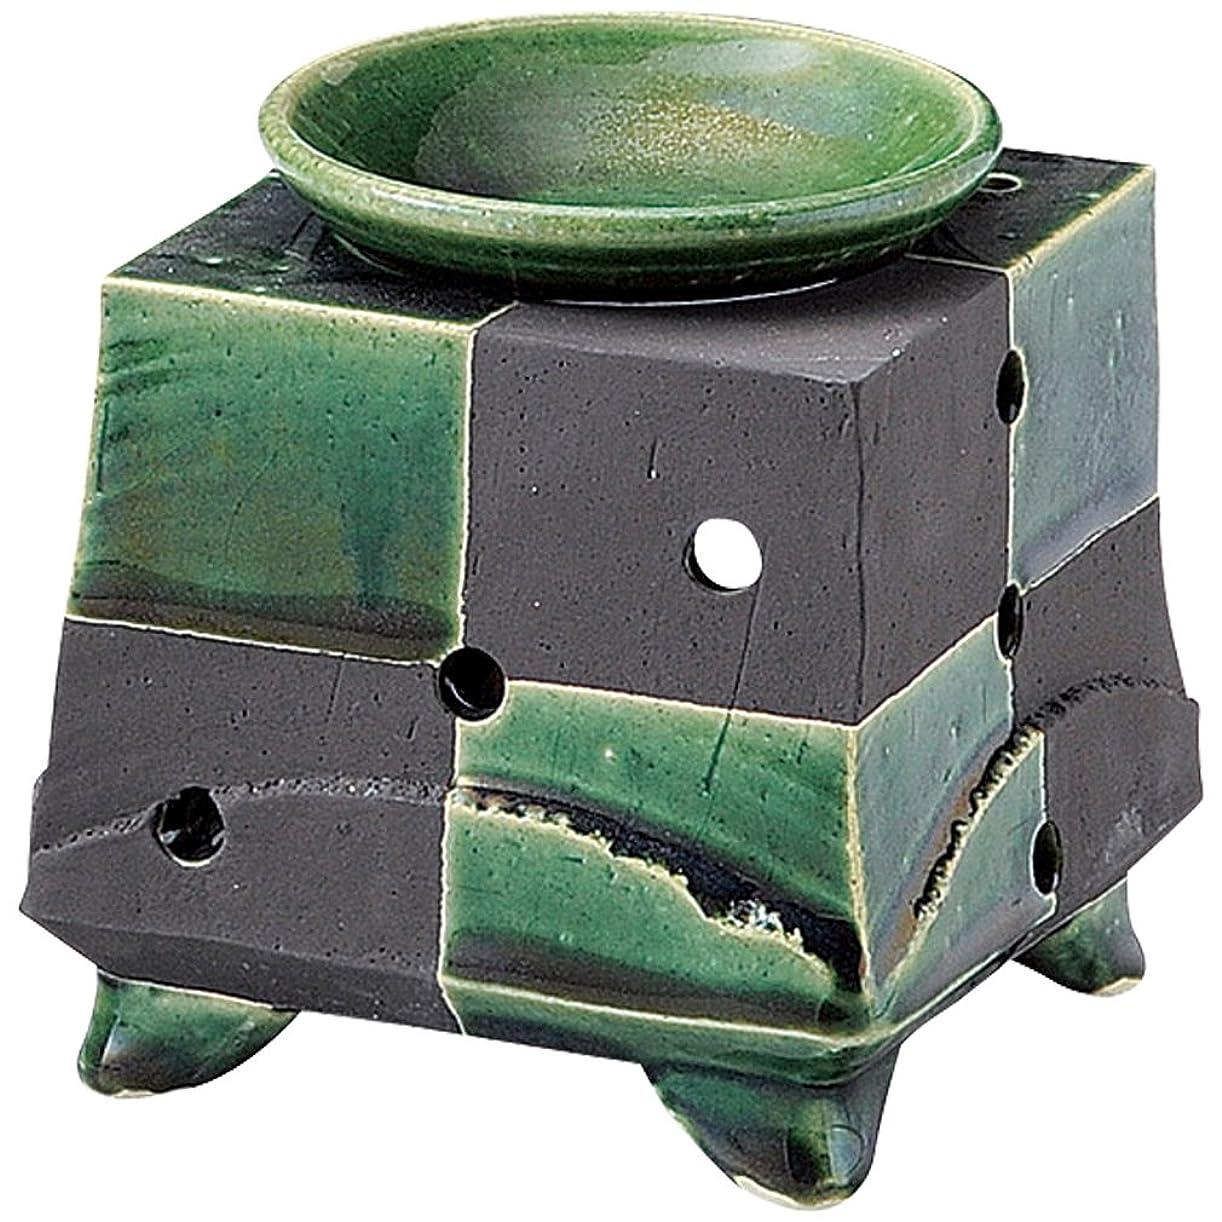 保守可能お勧め費用山下工芸 常滑焼 佳窯織部黒市松茶香炉 11.5×11.5×11.5cm 13045770